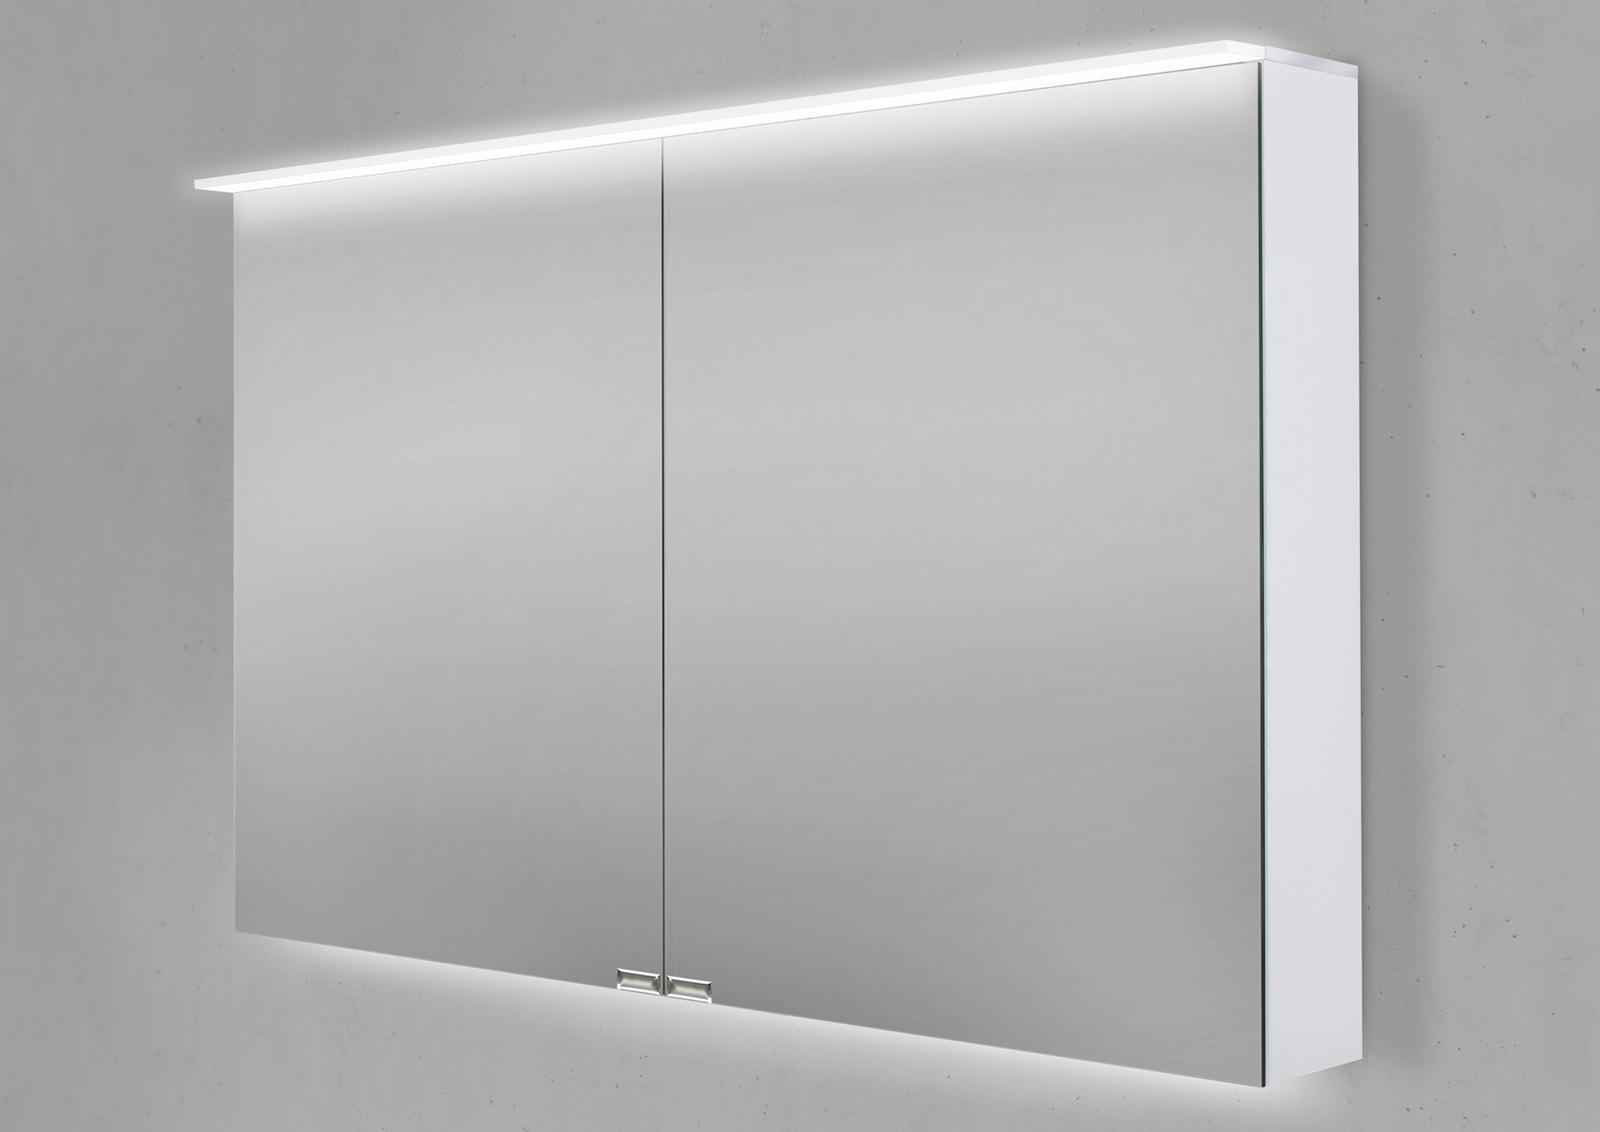 Spiegelschrank 100 cm led acryl lichtplatte doppelseitig for Spiegelschrank 100 cm led